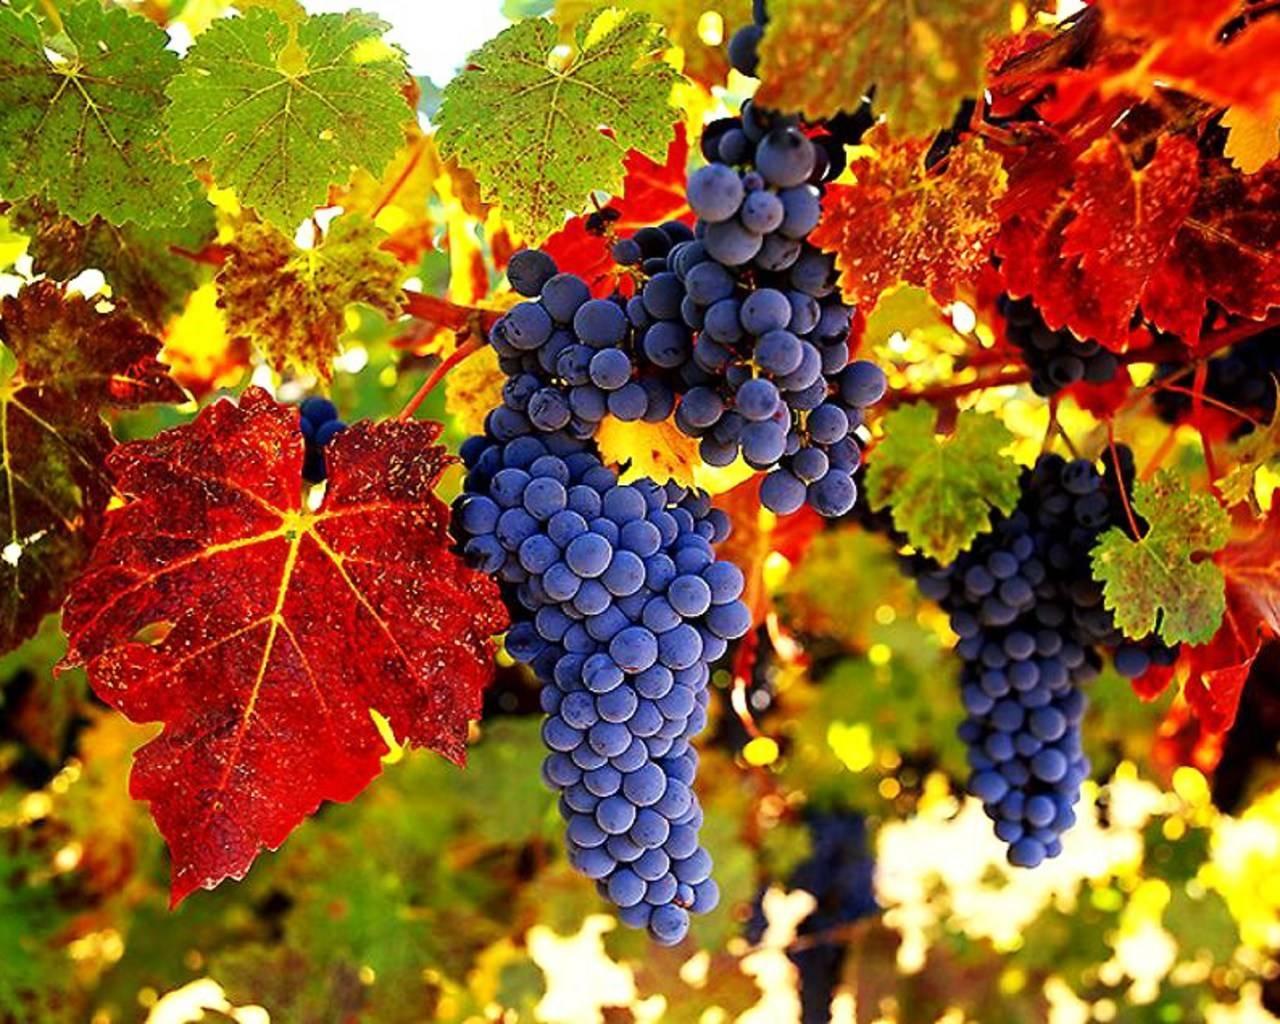 Виноград краса севера: описание сорта с характеристикой и отзывами, особенности посадки и выращивания, фото